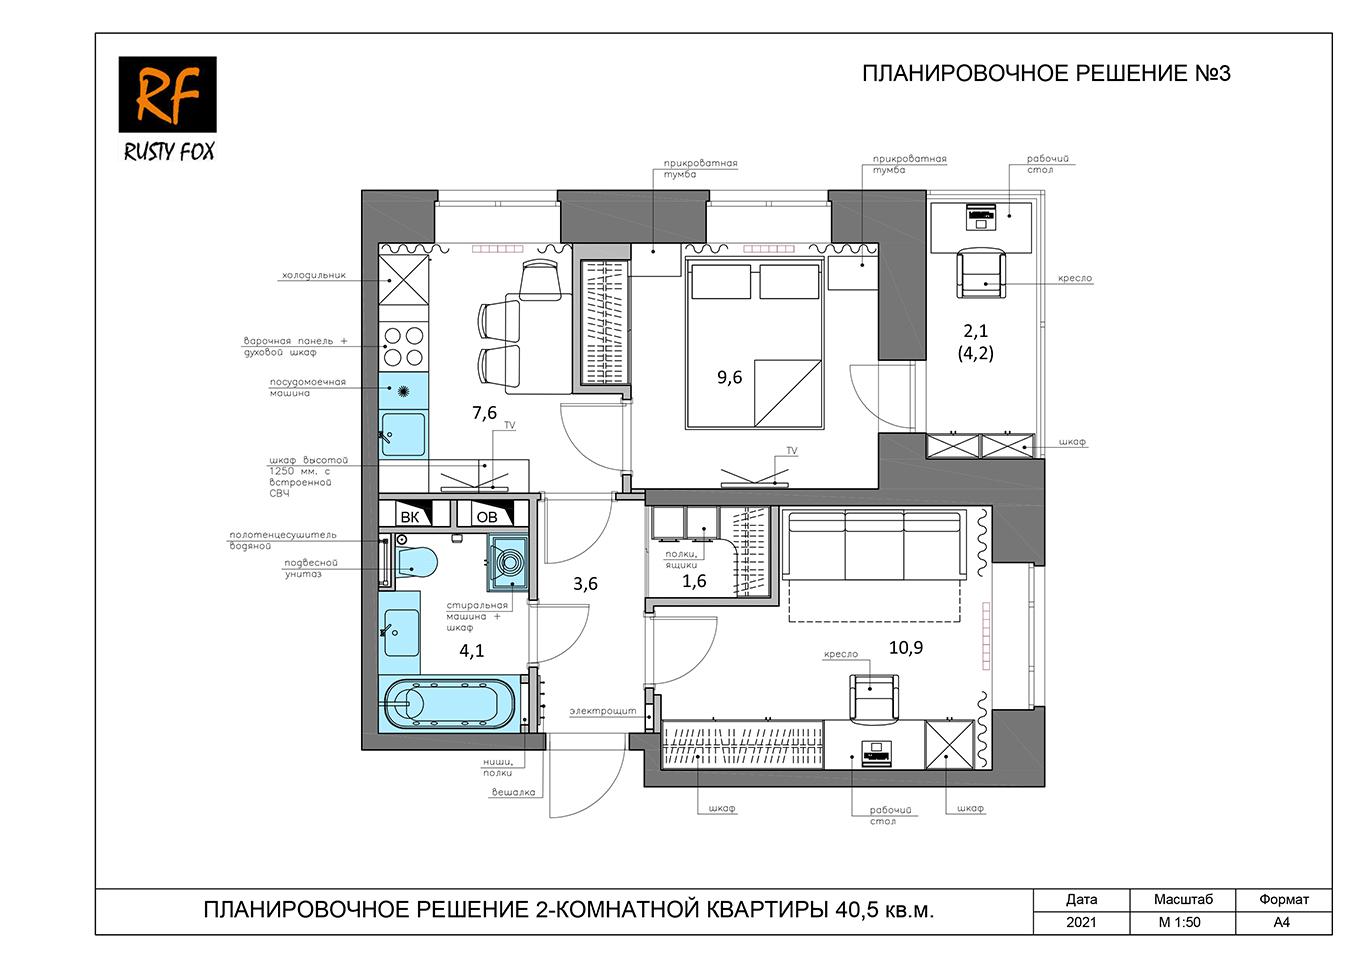 ЖК Люберцы корпус 52, секция 2. Планировочное решение №3 2-комнотная квартира 40,5 кв.м.